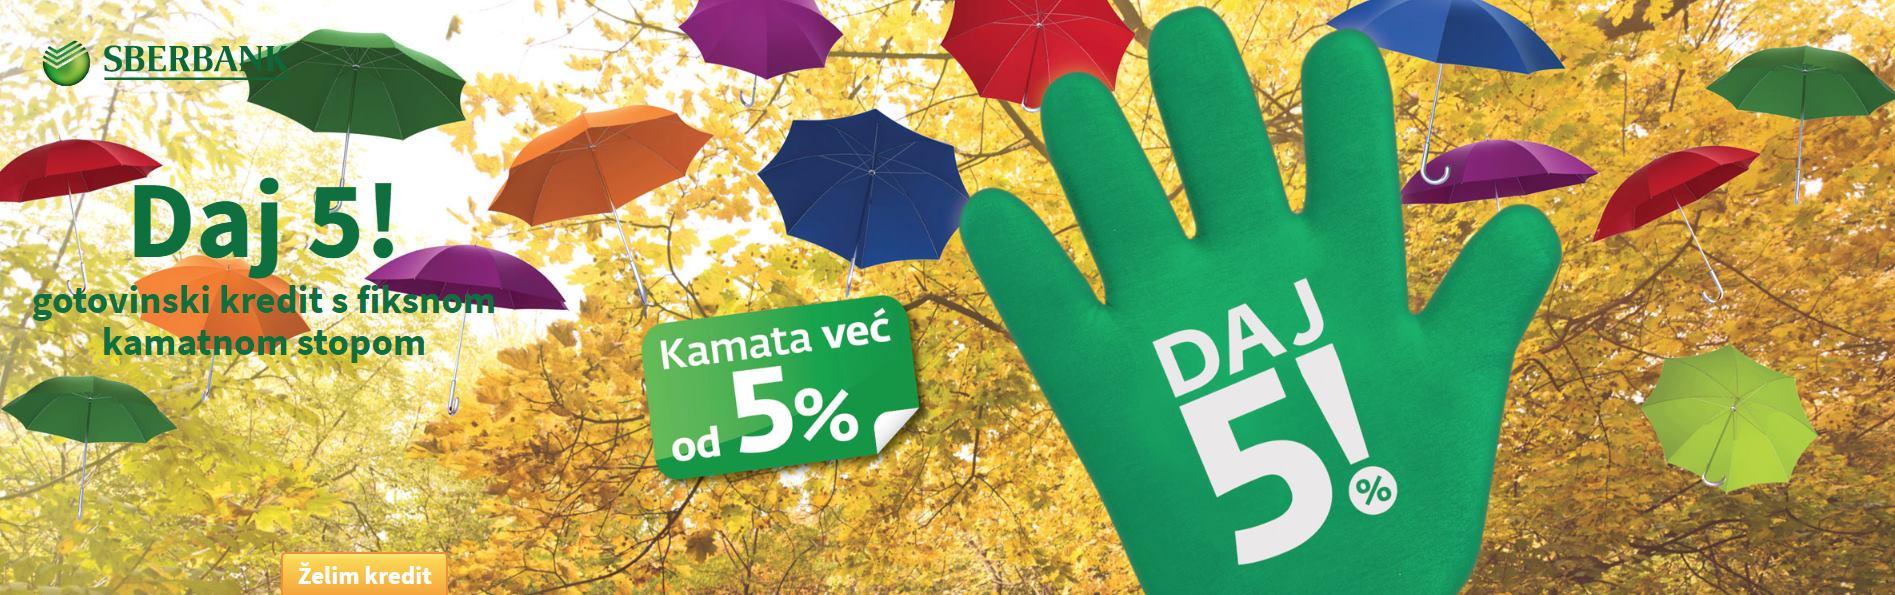 Sberbank Hrvatska pokrenula akciju 'Daj 5!'